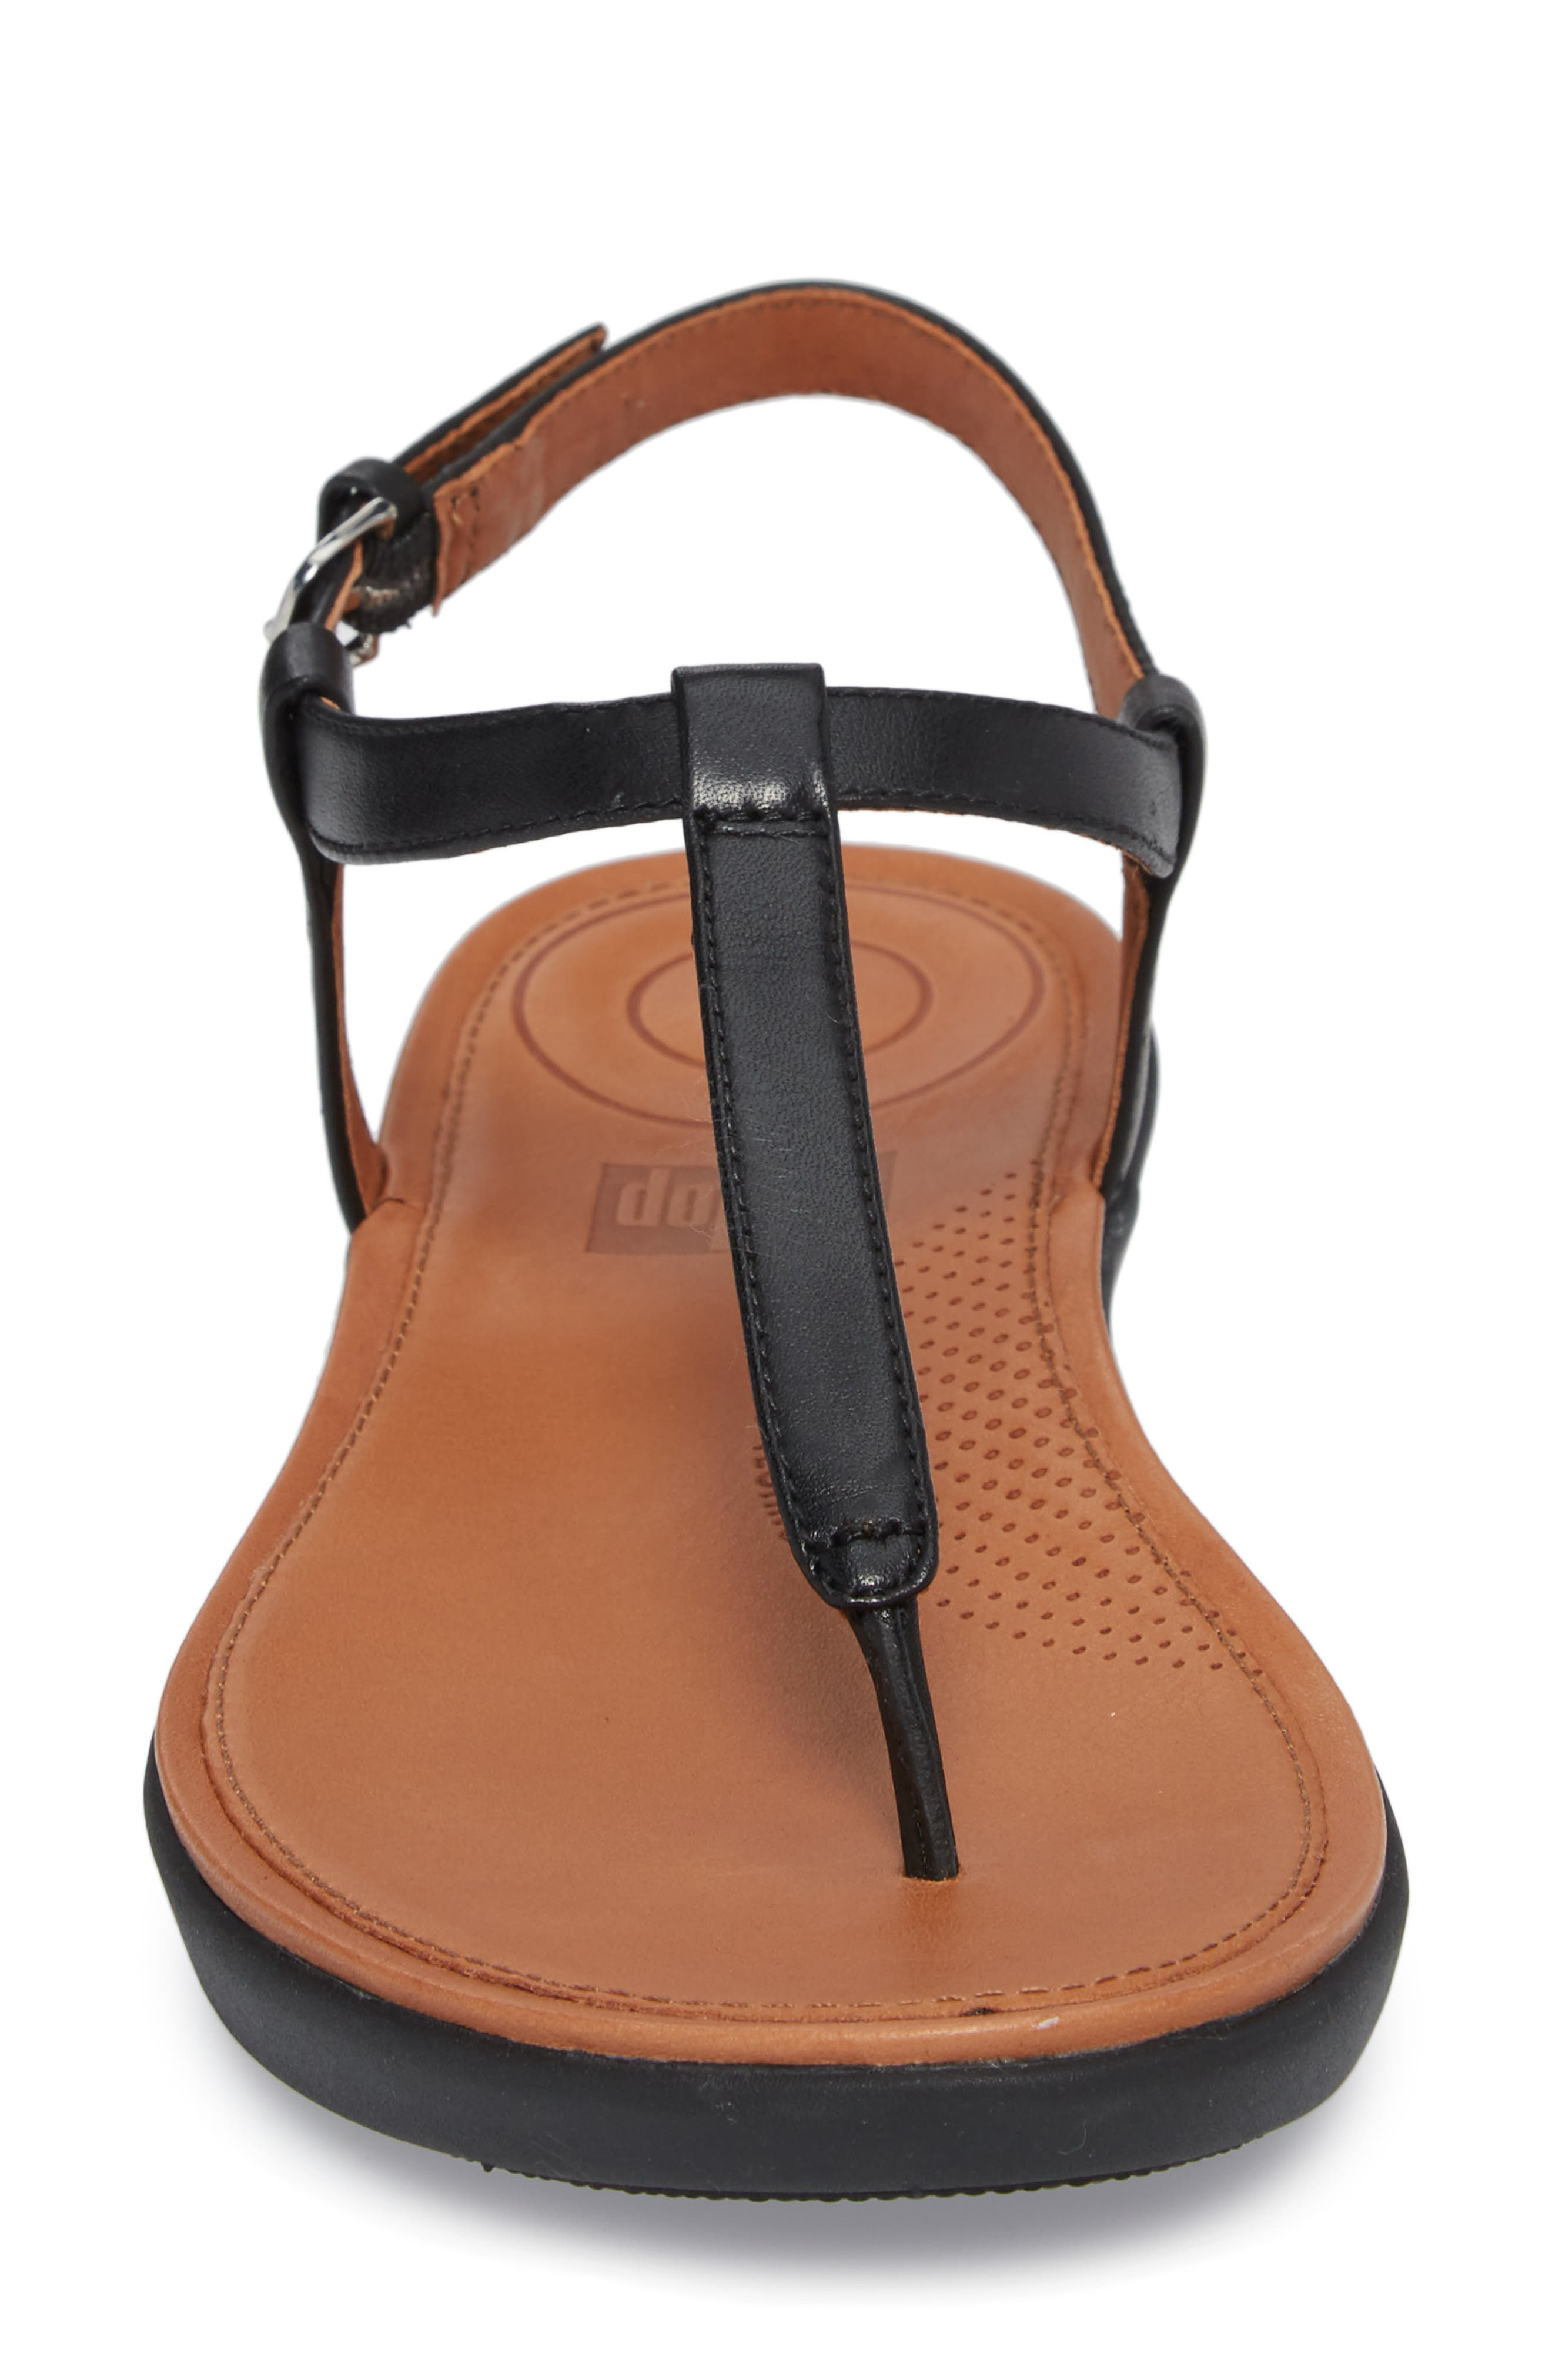 Tia Thong Sandal,                             Alternate thumbnail 4, color,                             Black Leather